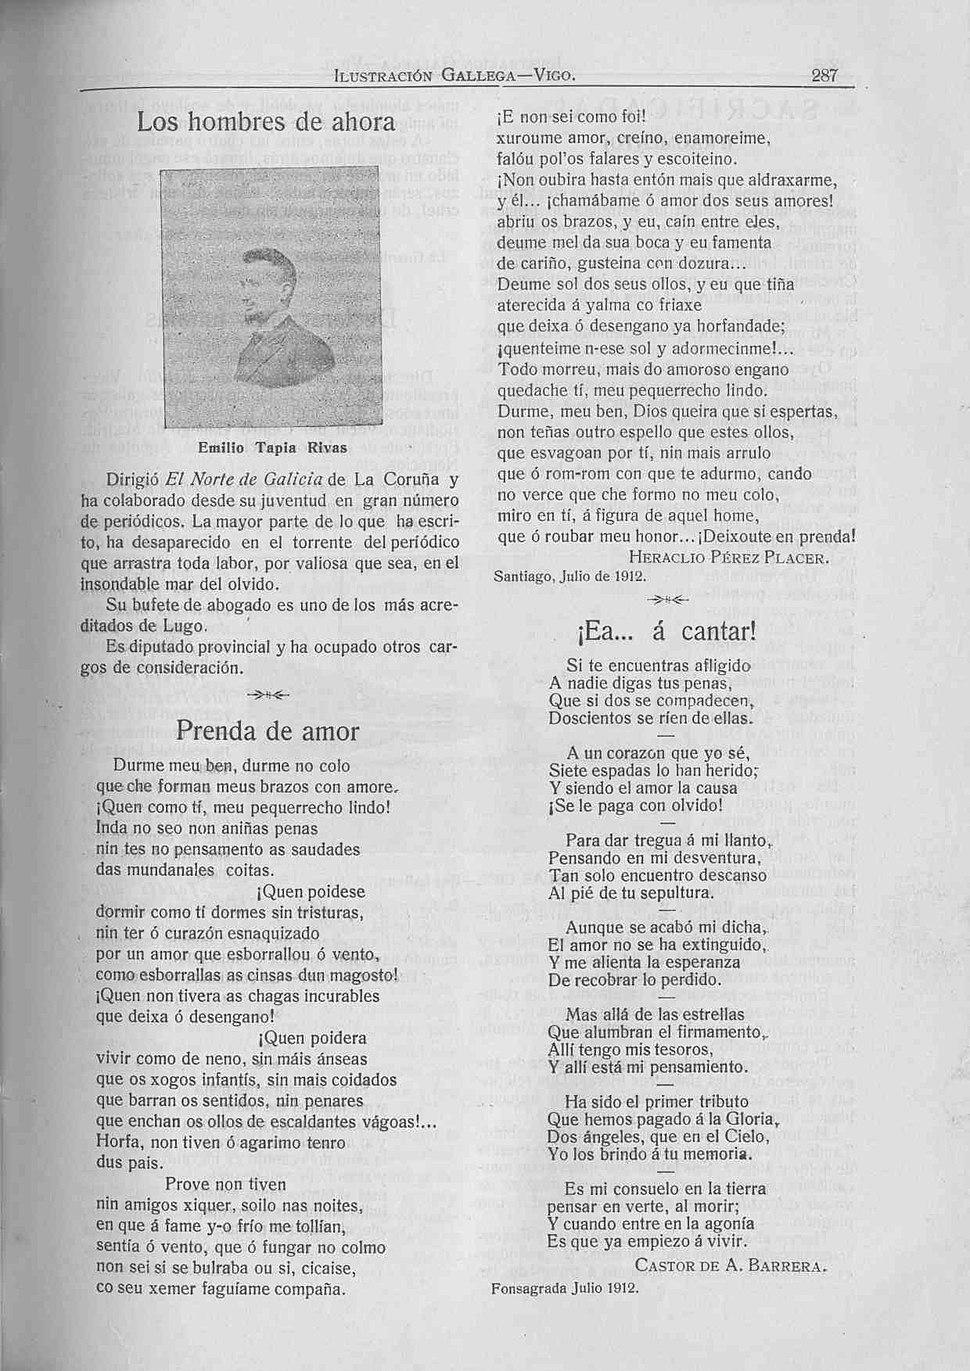 Ilustración Gallega, 10 de julio de 1912, 287